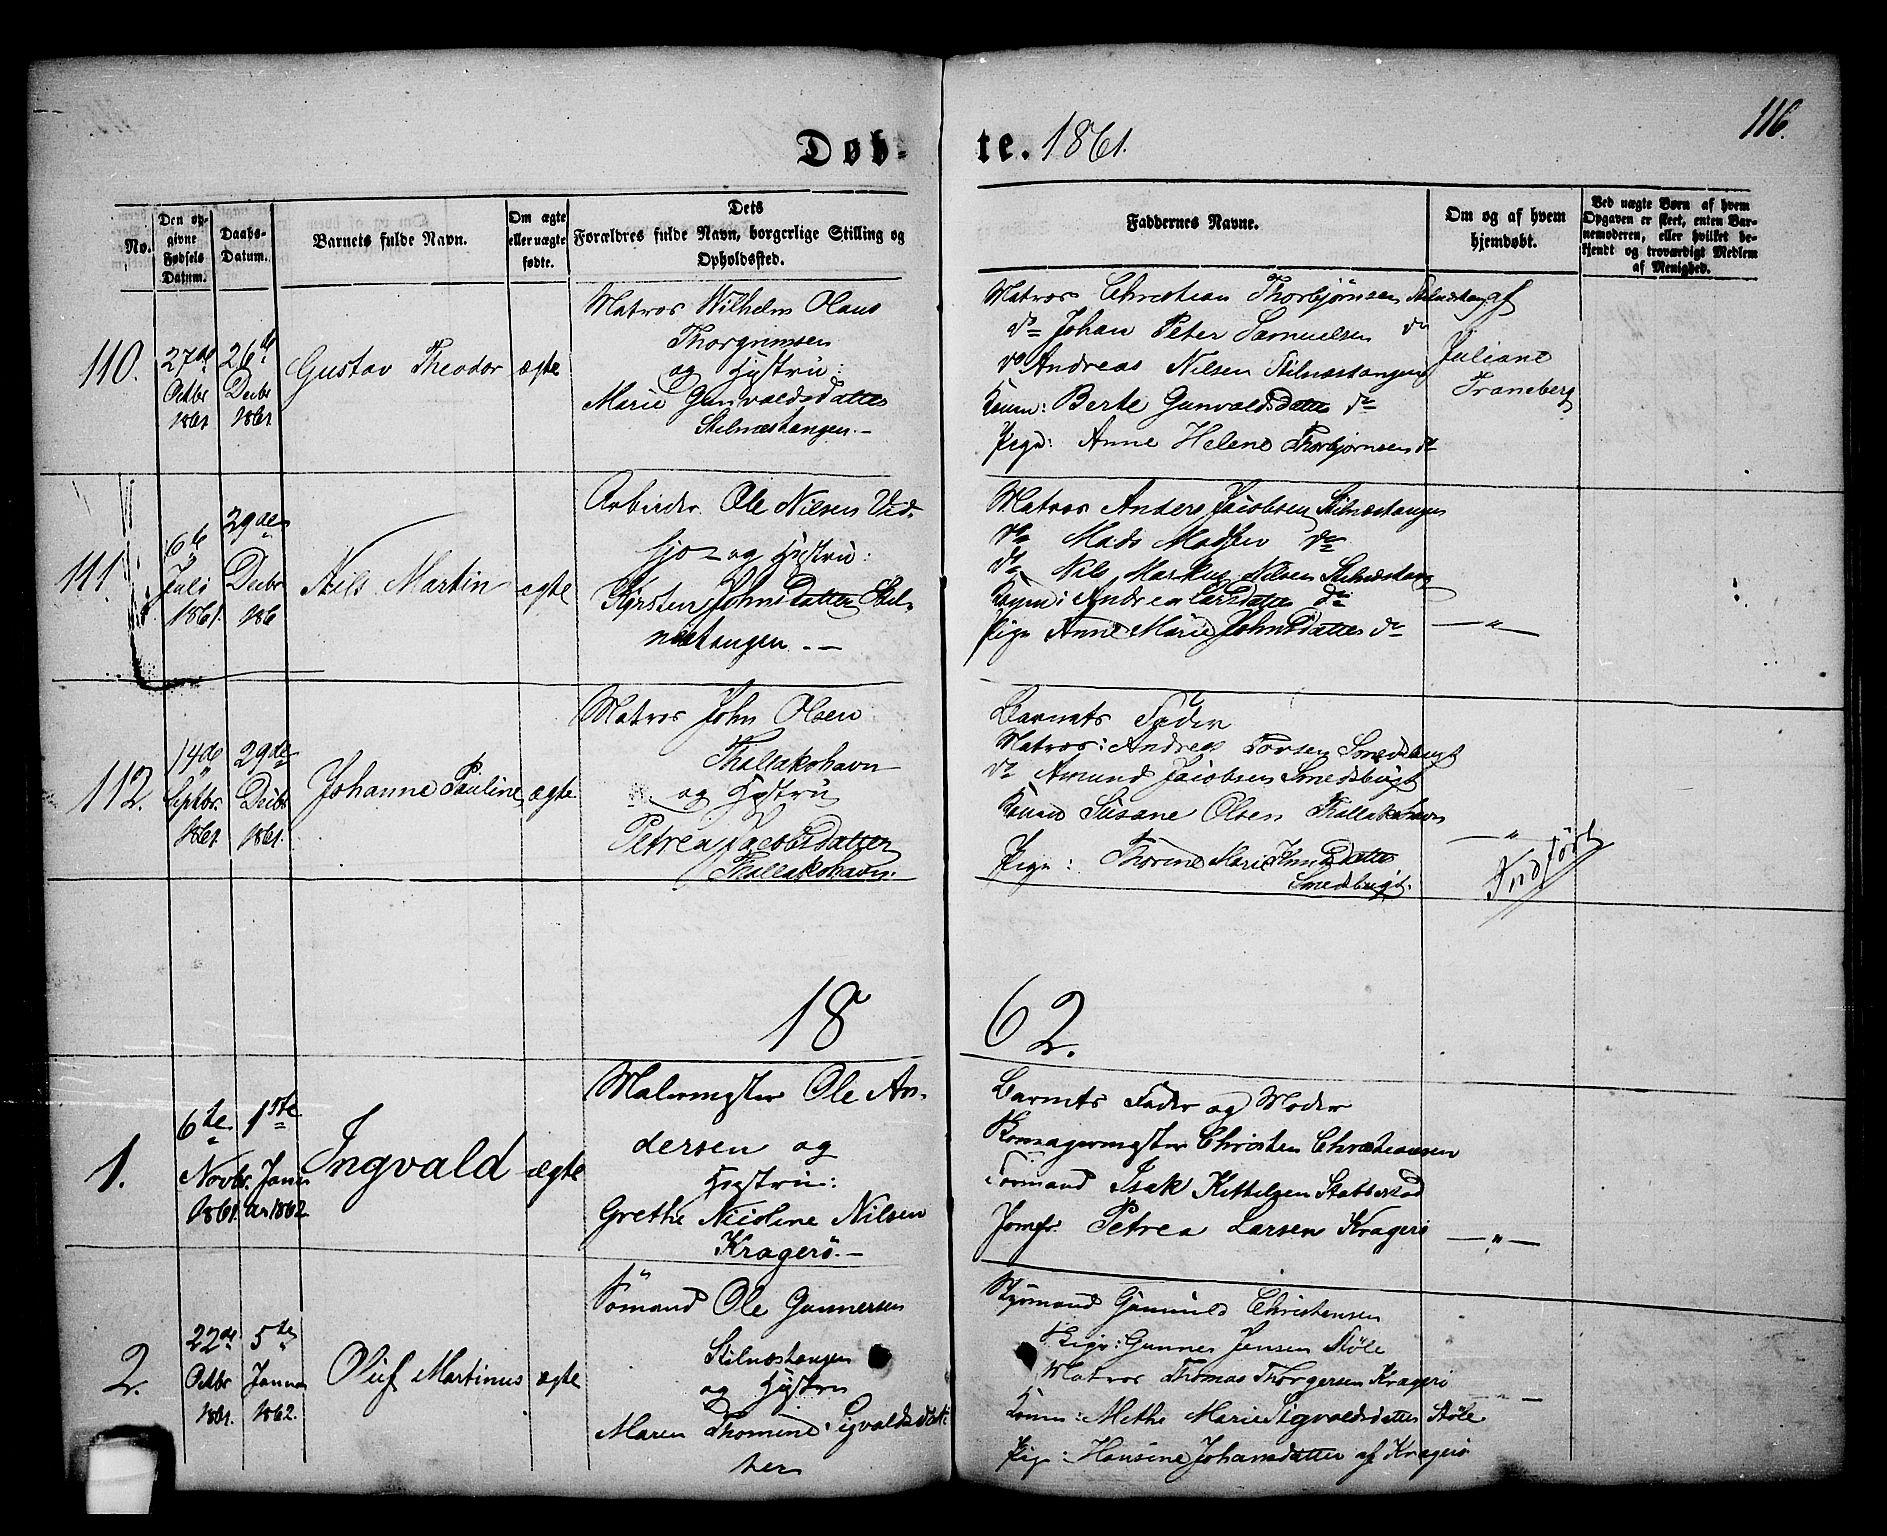 SAKO, Kragerø kirkebøker, G/Ga/L0004: Klokkerbok nr. 4, 1853-1865, s. 116